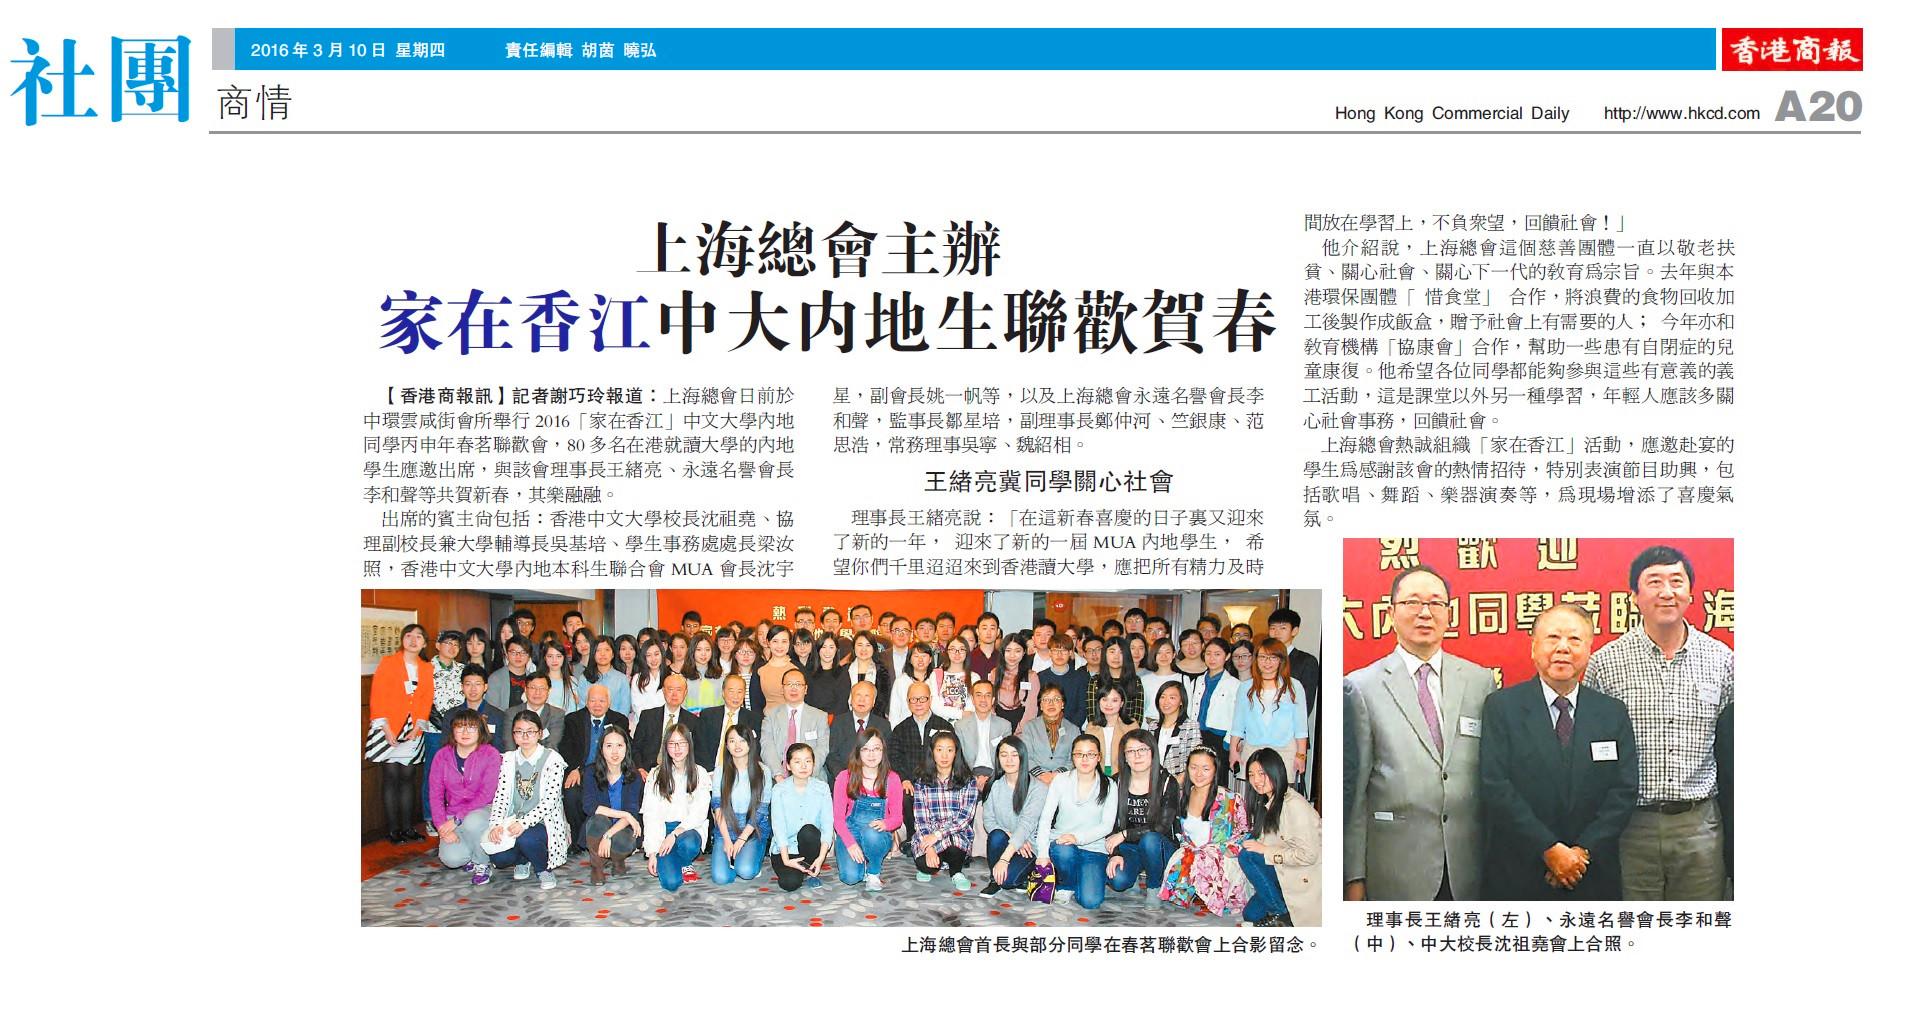 香港商報 -『家在香江』中大內地生聯歡賀春